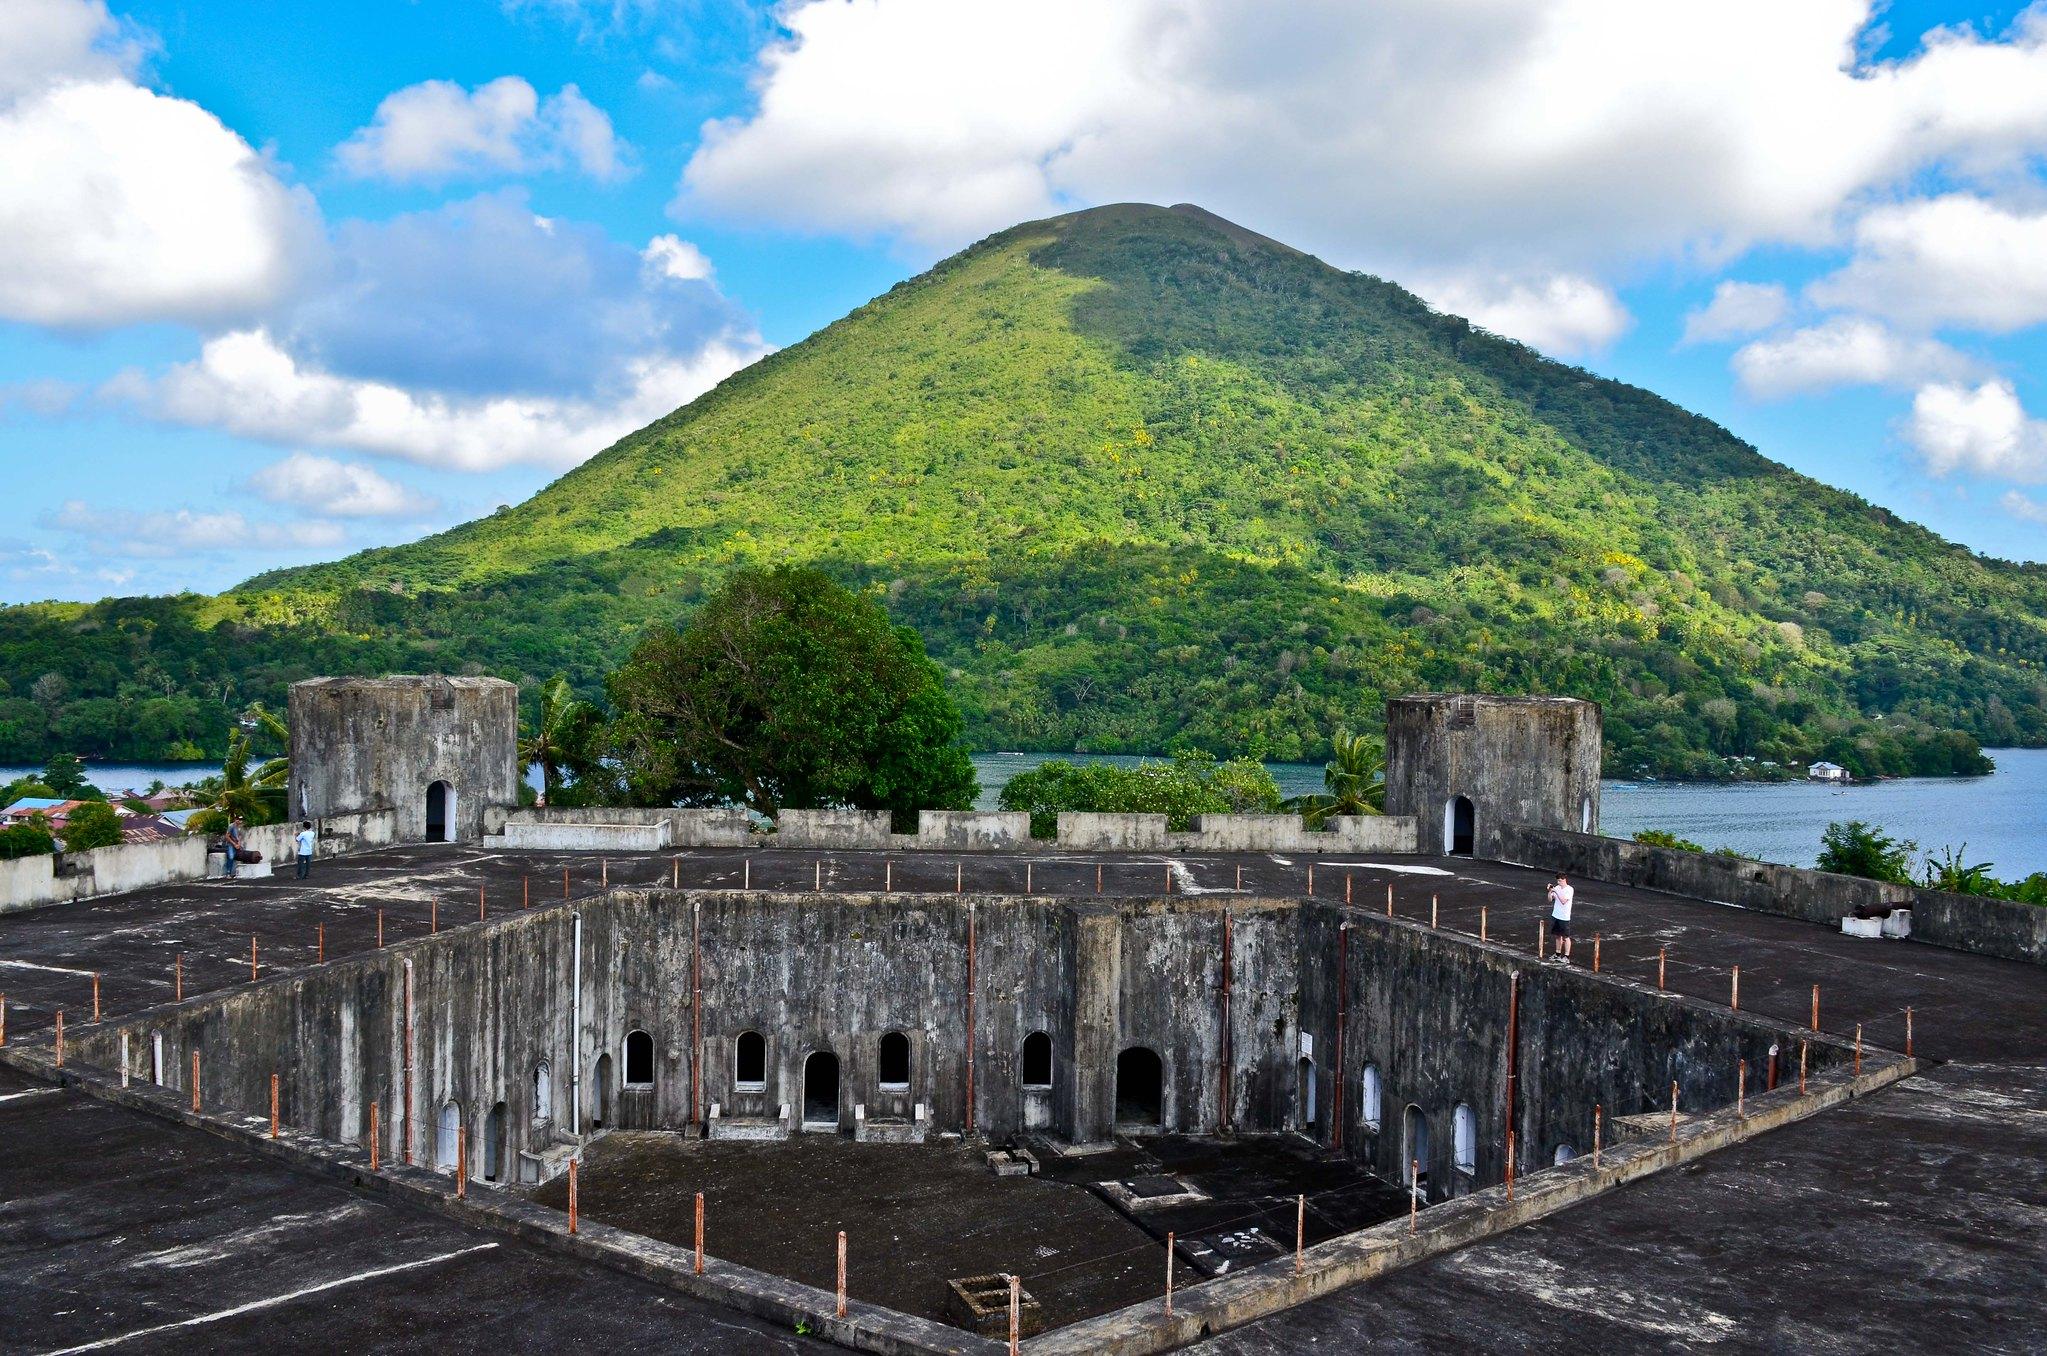 Benteng Belgica dan Gunung Api Ganapus, Kepulauan Banda, Kabupaten Maluku Tengah | Foto: De Wet Moolman dari flickr